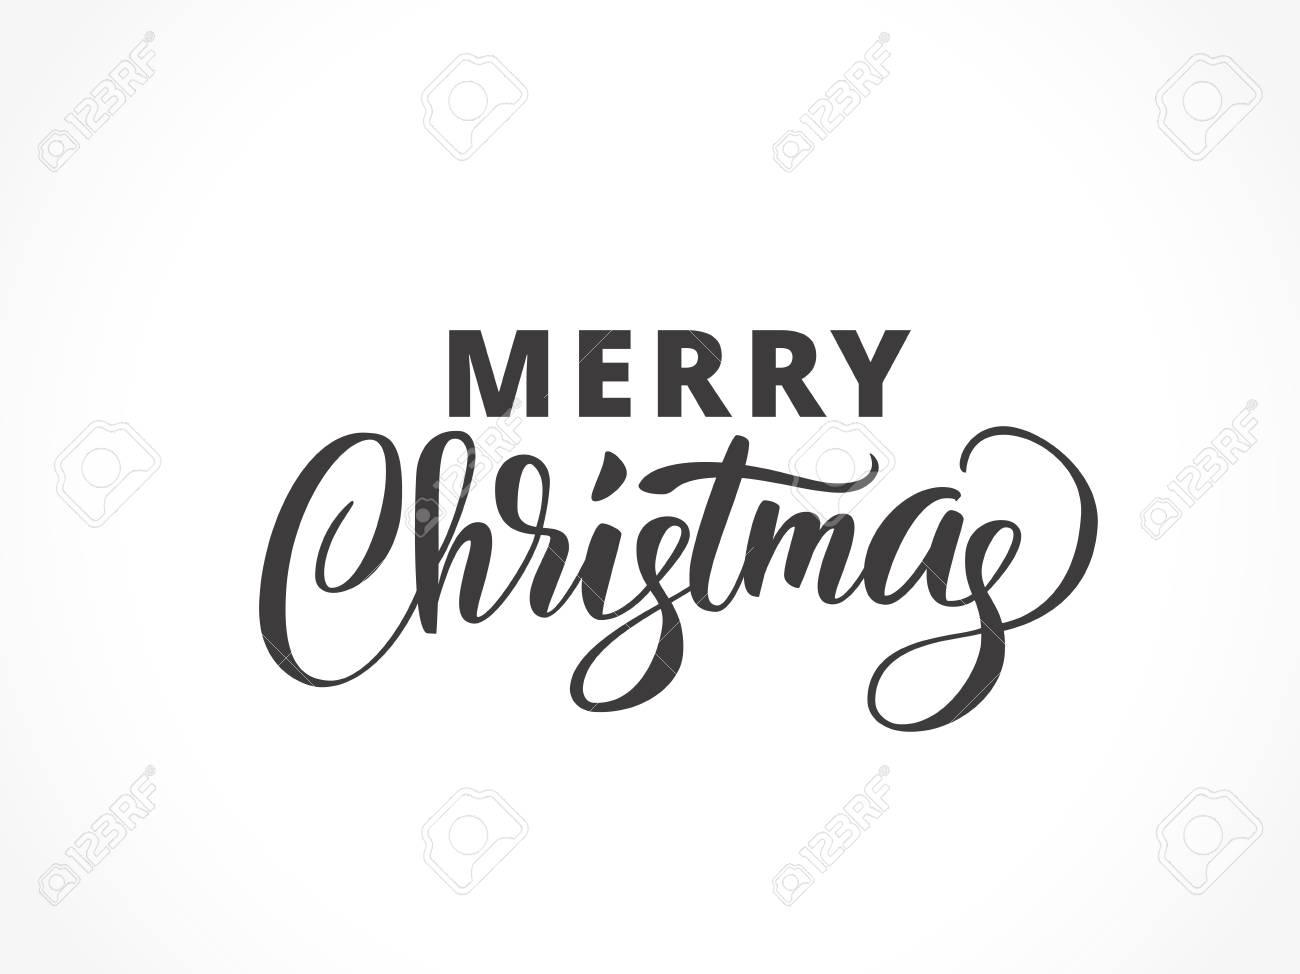 ロゴ メリークリスマス英語